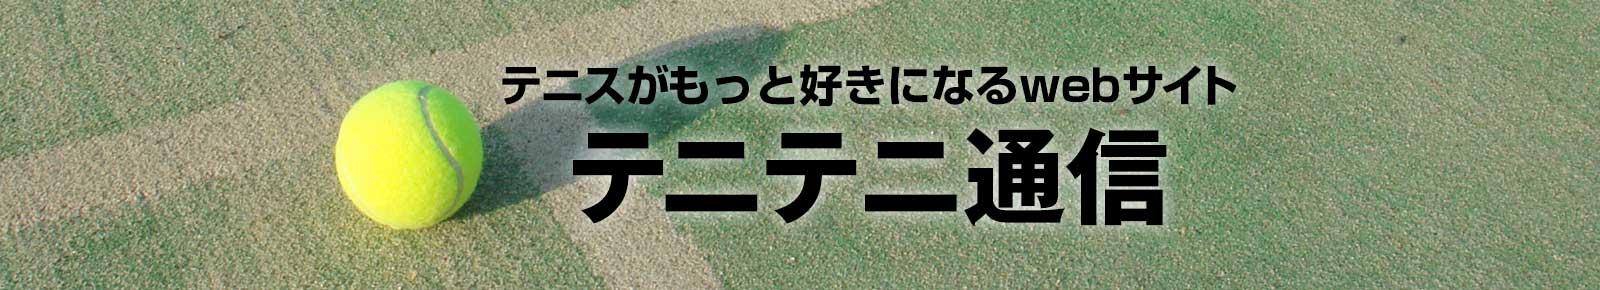 テニスがもっと好きになるwebサイト「テニテニ通信」